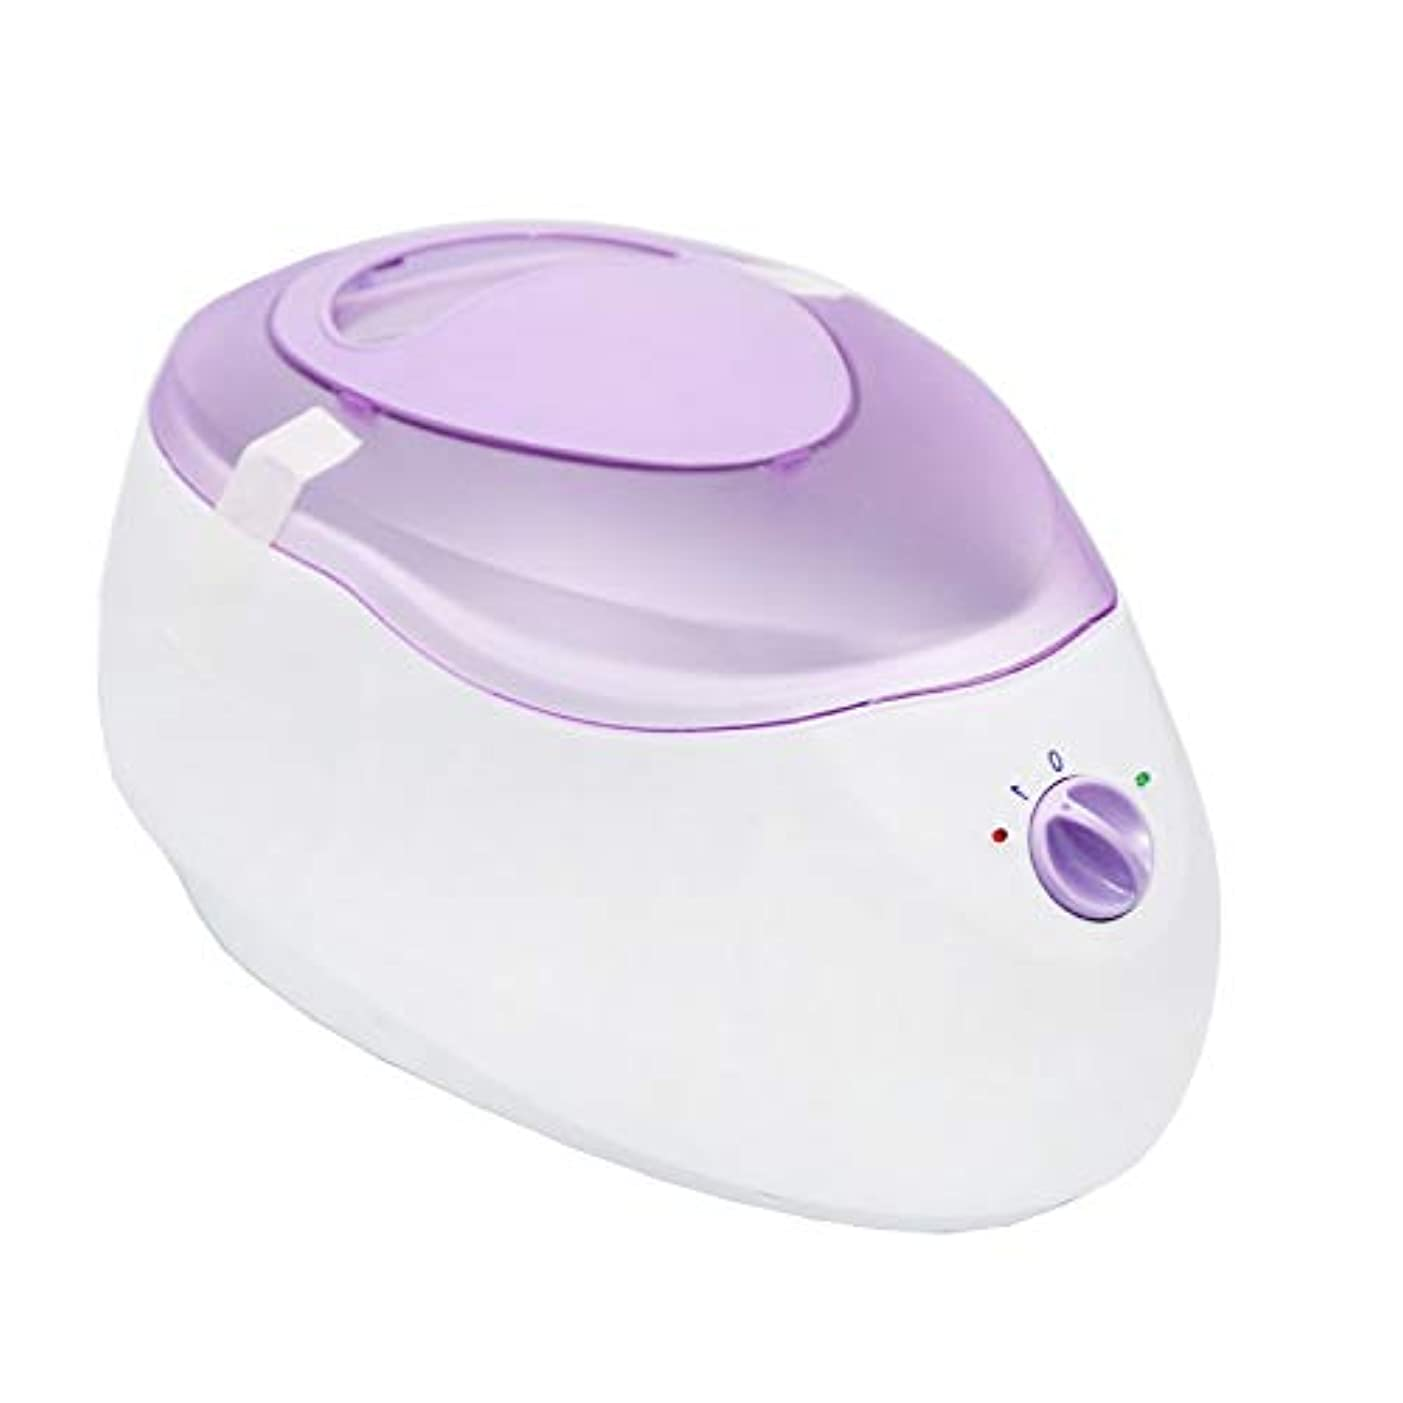 吐く特徴づけるリズムすべてのワックスタイプのための専門の電気ワックスヒーター、ワックスメルター可変温度とウォーマーと内蔵サーモ安全制御脱毛脱毛のために (Color : Purple)